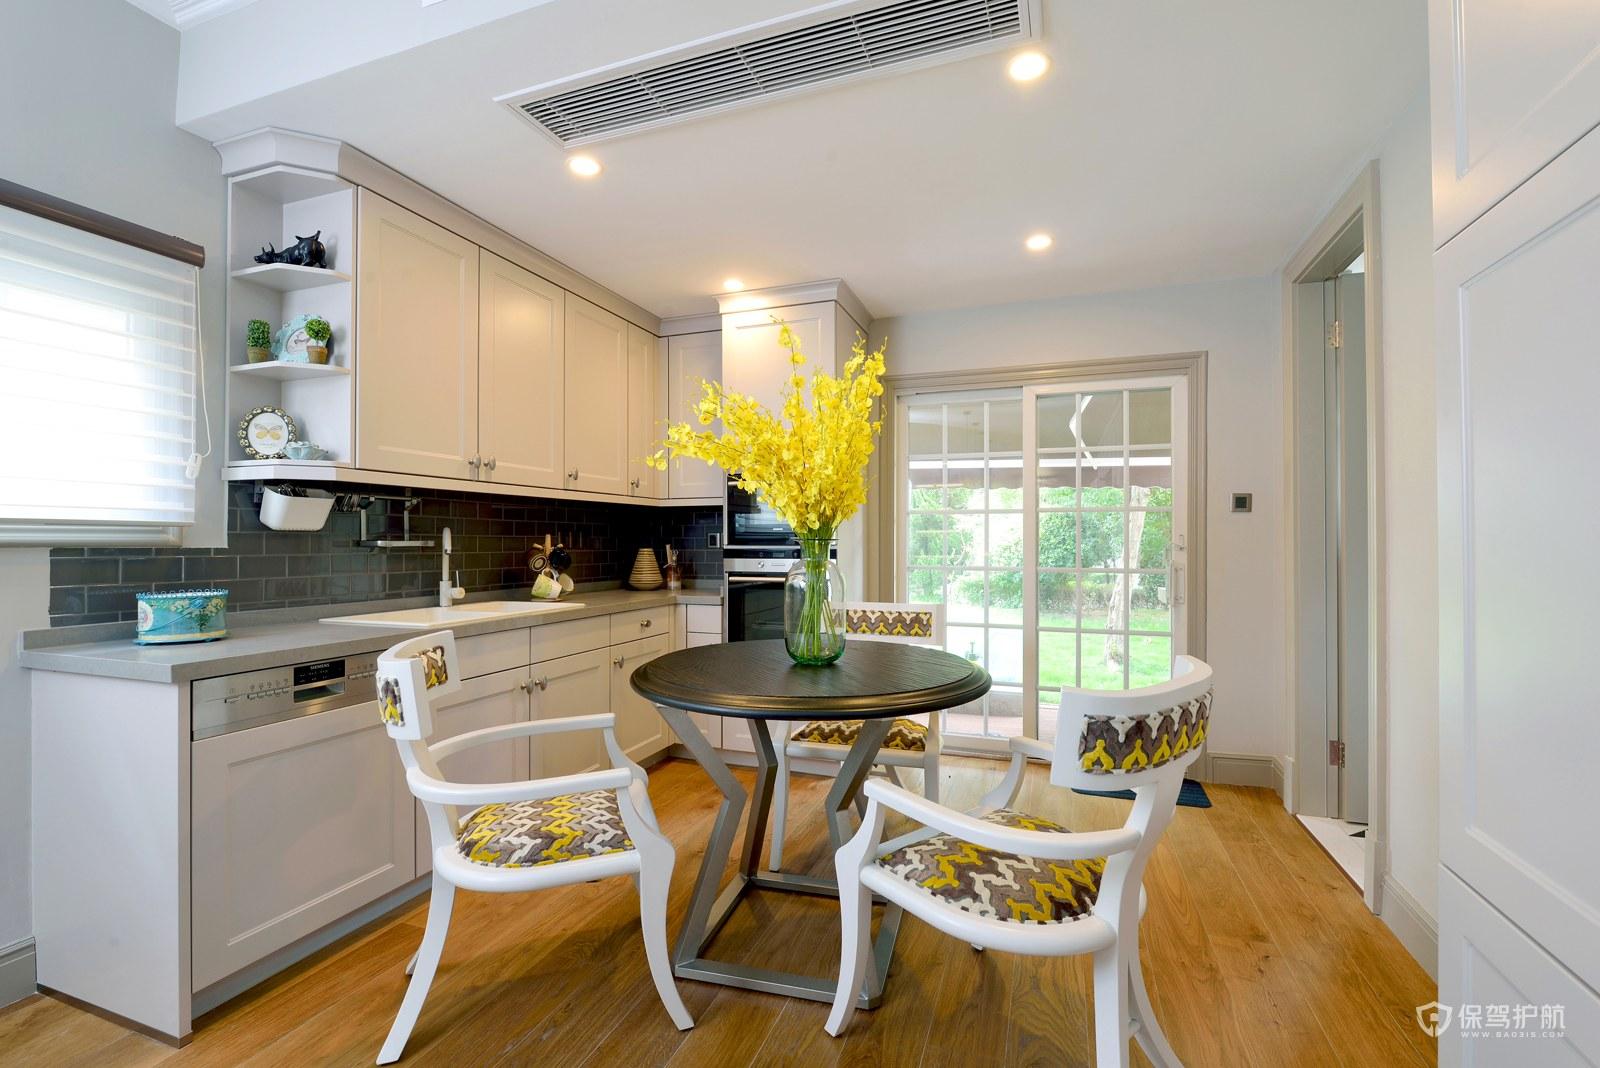 簡約美式風格別墅廚房裝修效果圖